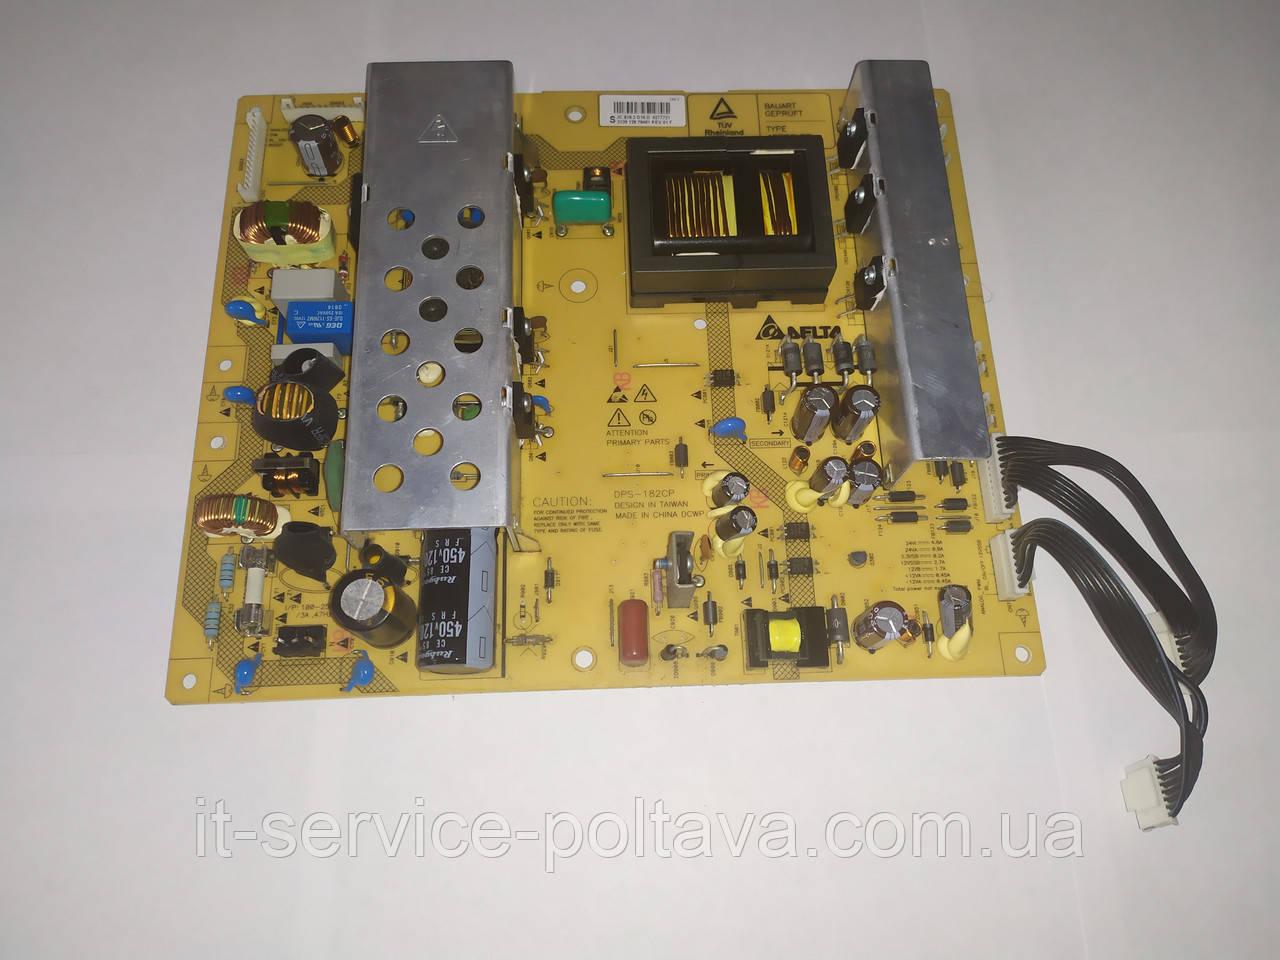 Блок живлення (Power Supply) DPS-182CP для телевізора Philips